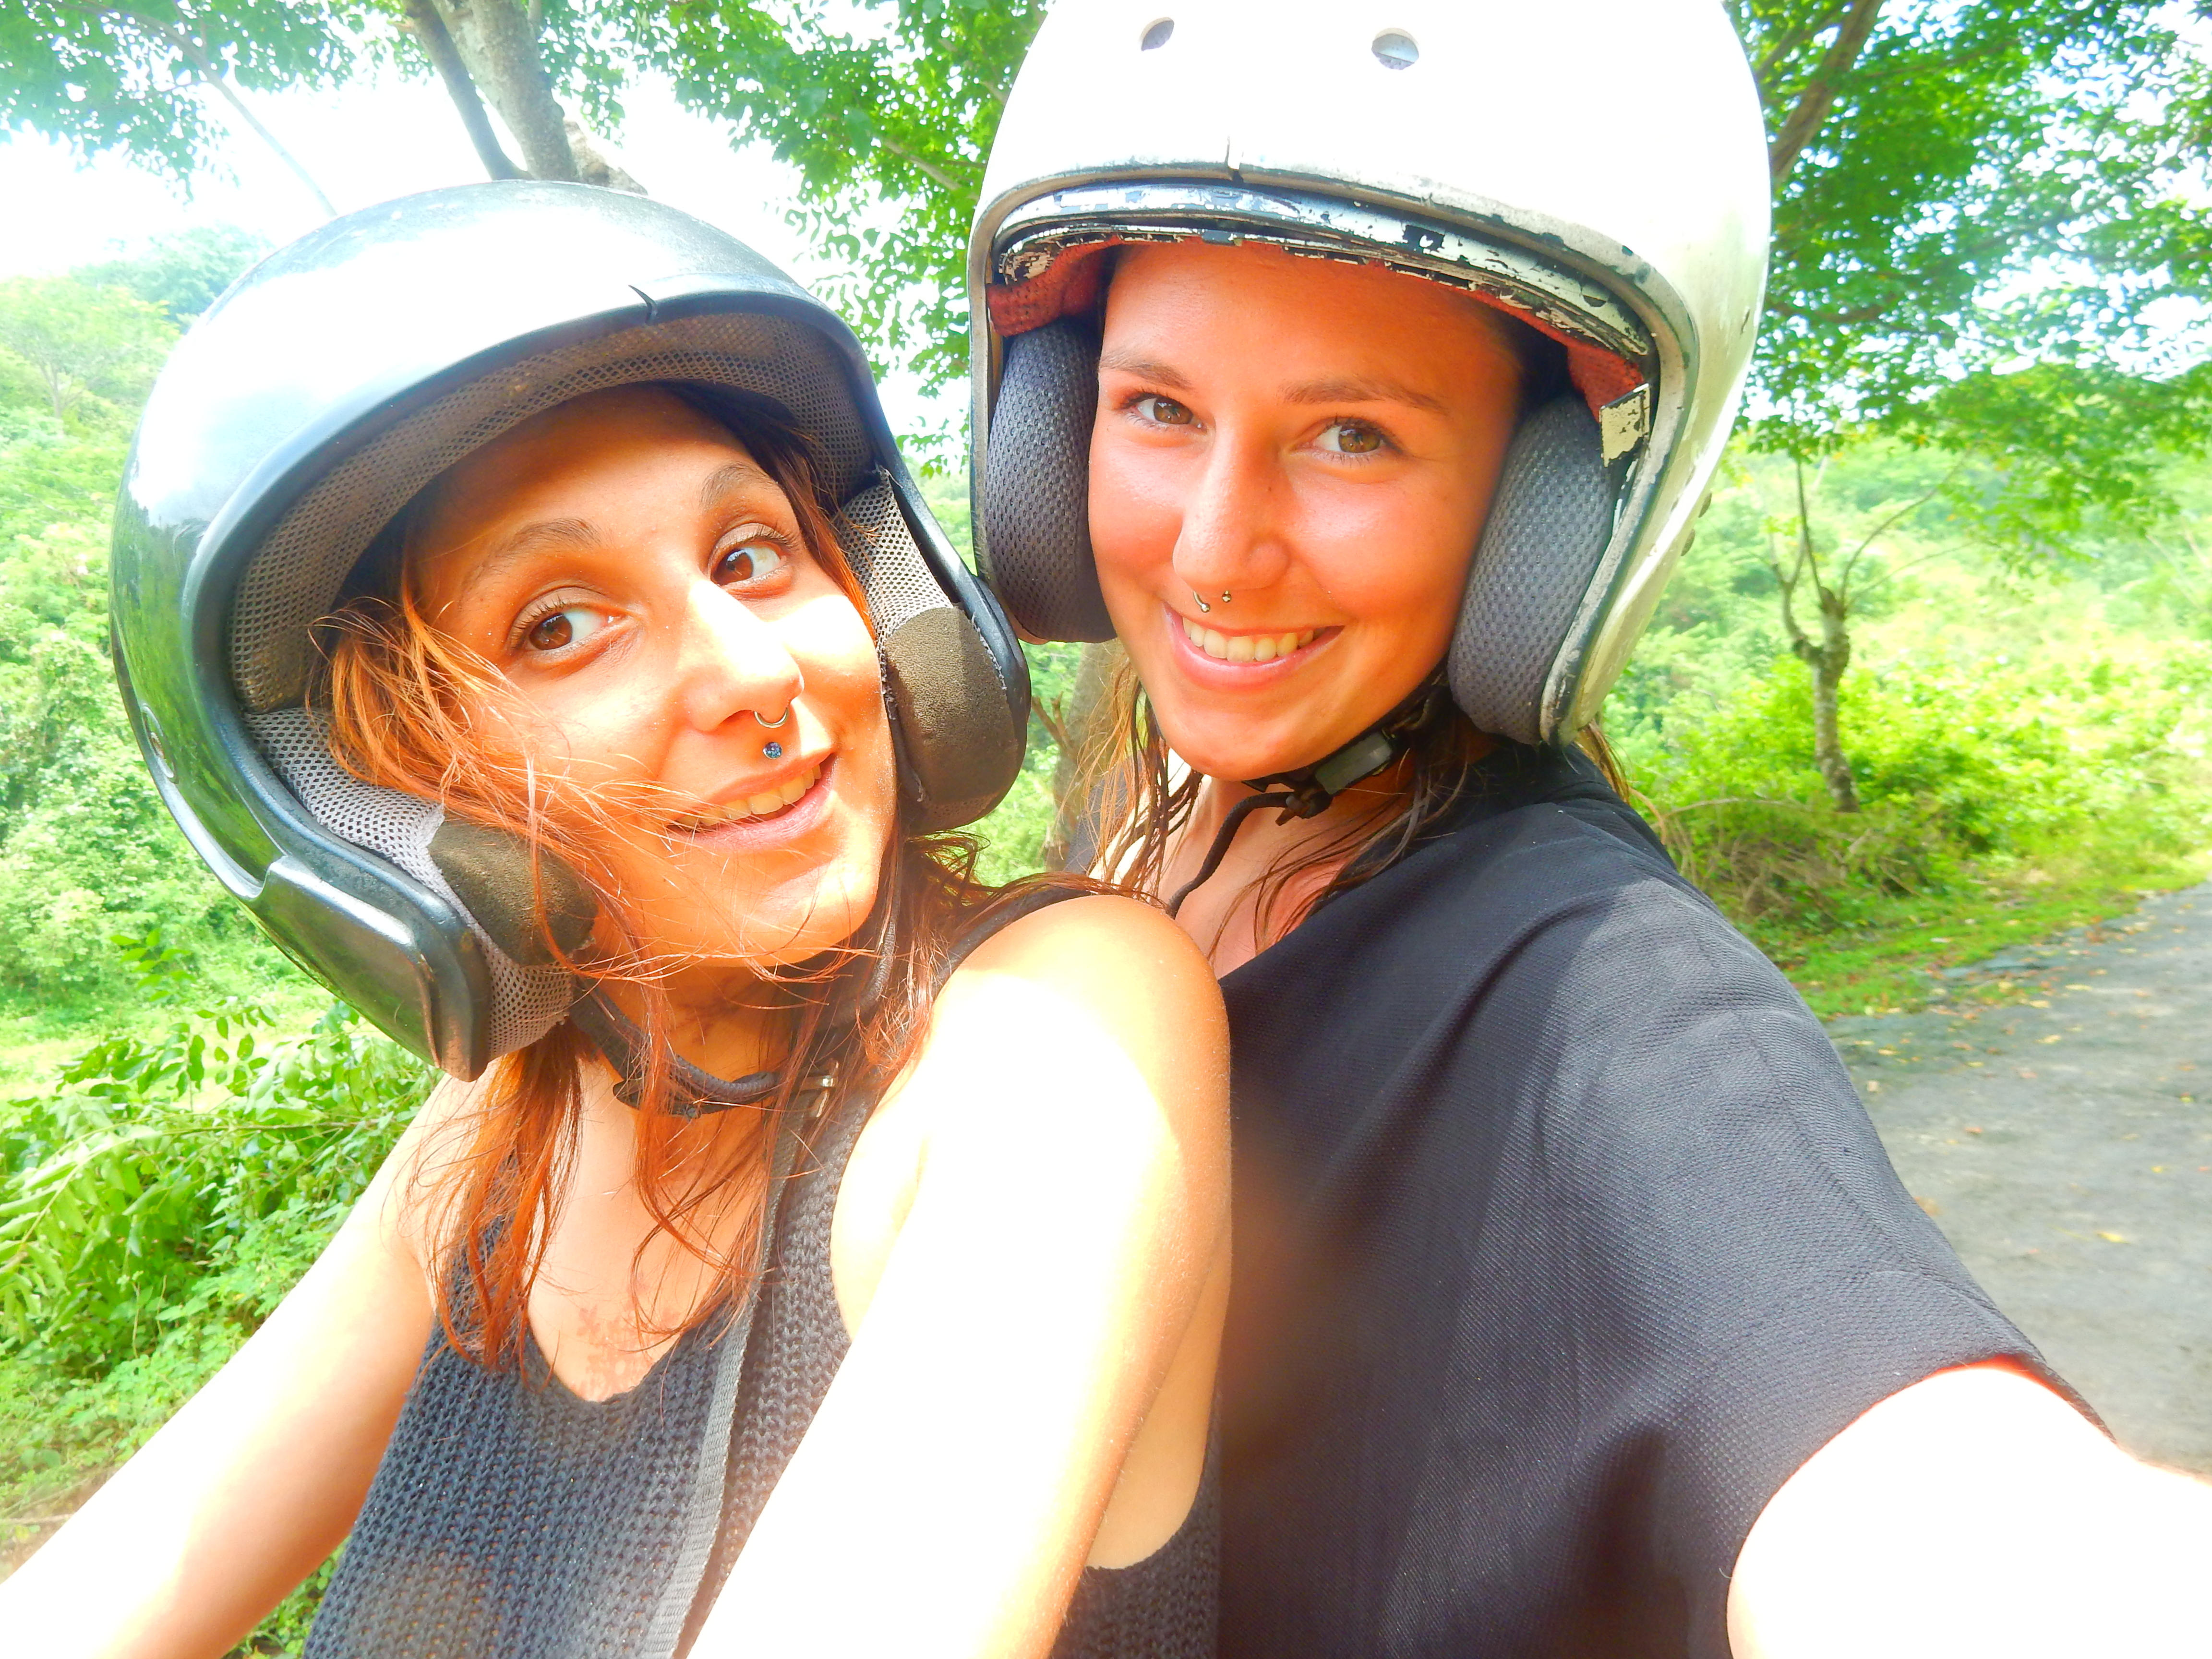 île de Lombok à scooter, Indonésie.